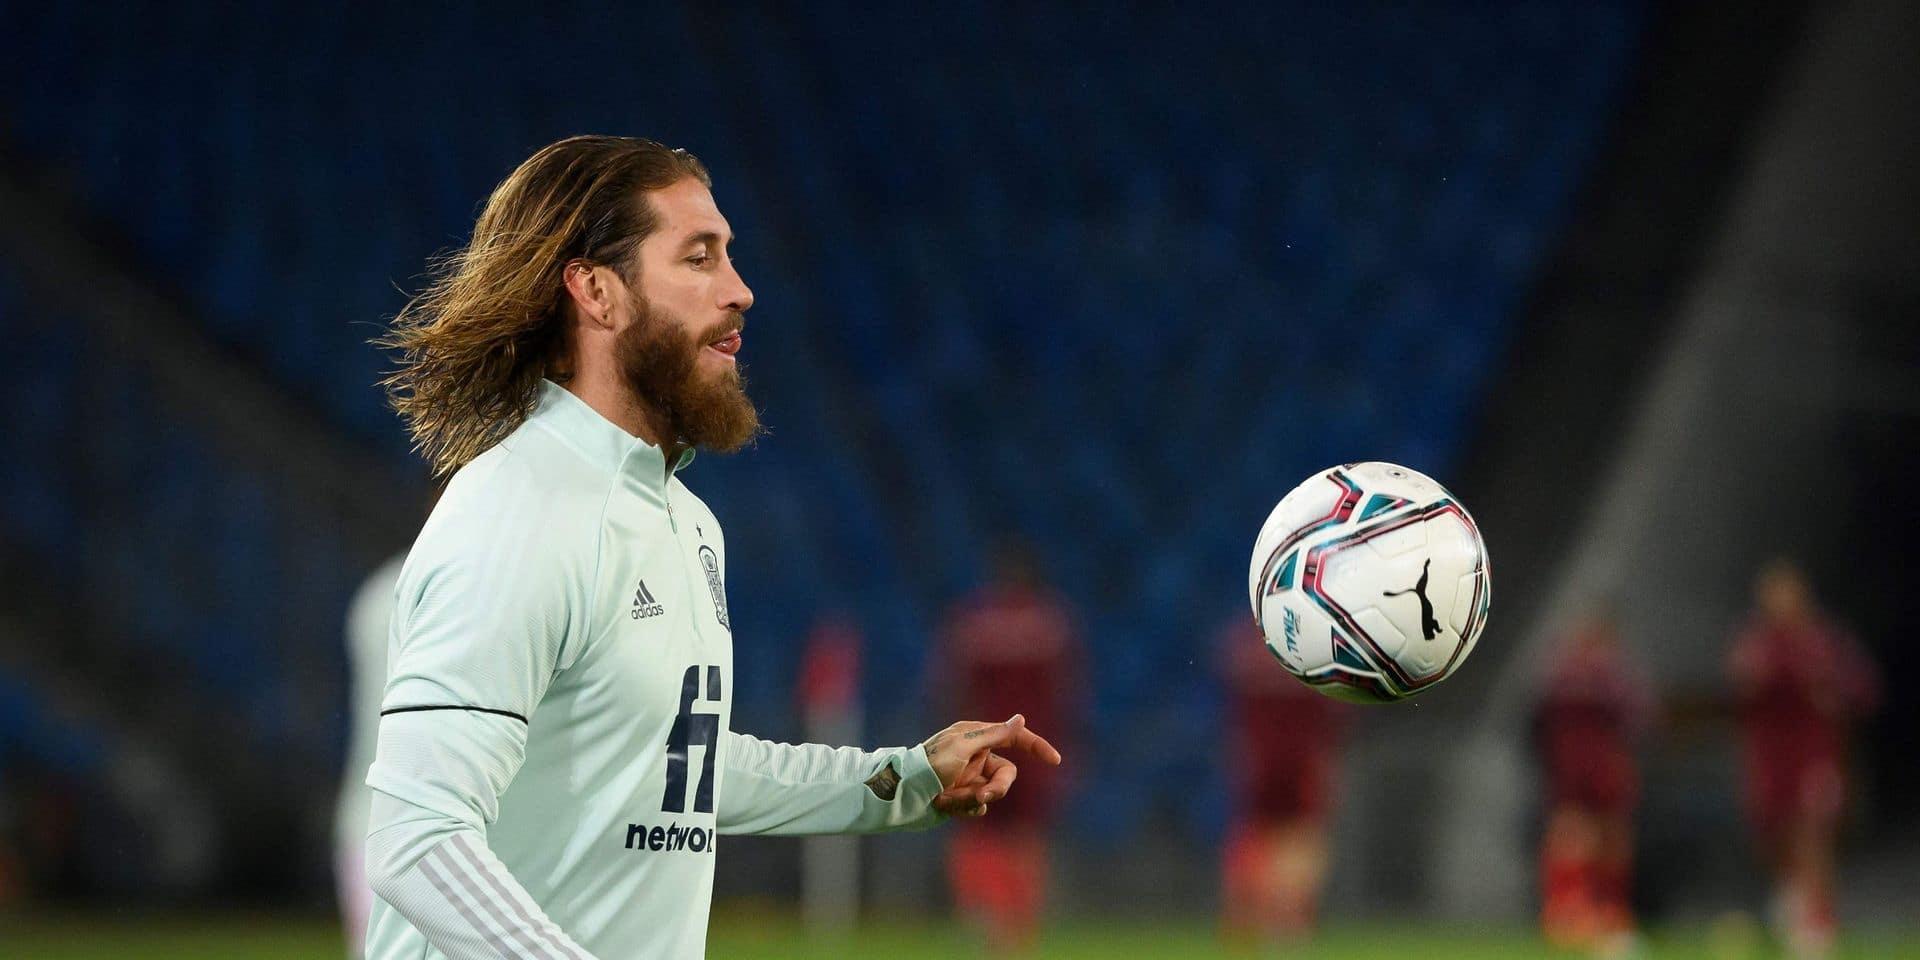 Sergio Ramos bat le record européen du nombre de matches internationaux joués